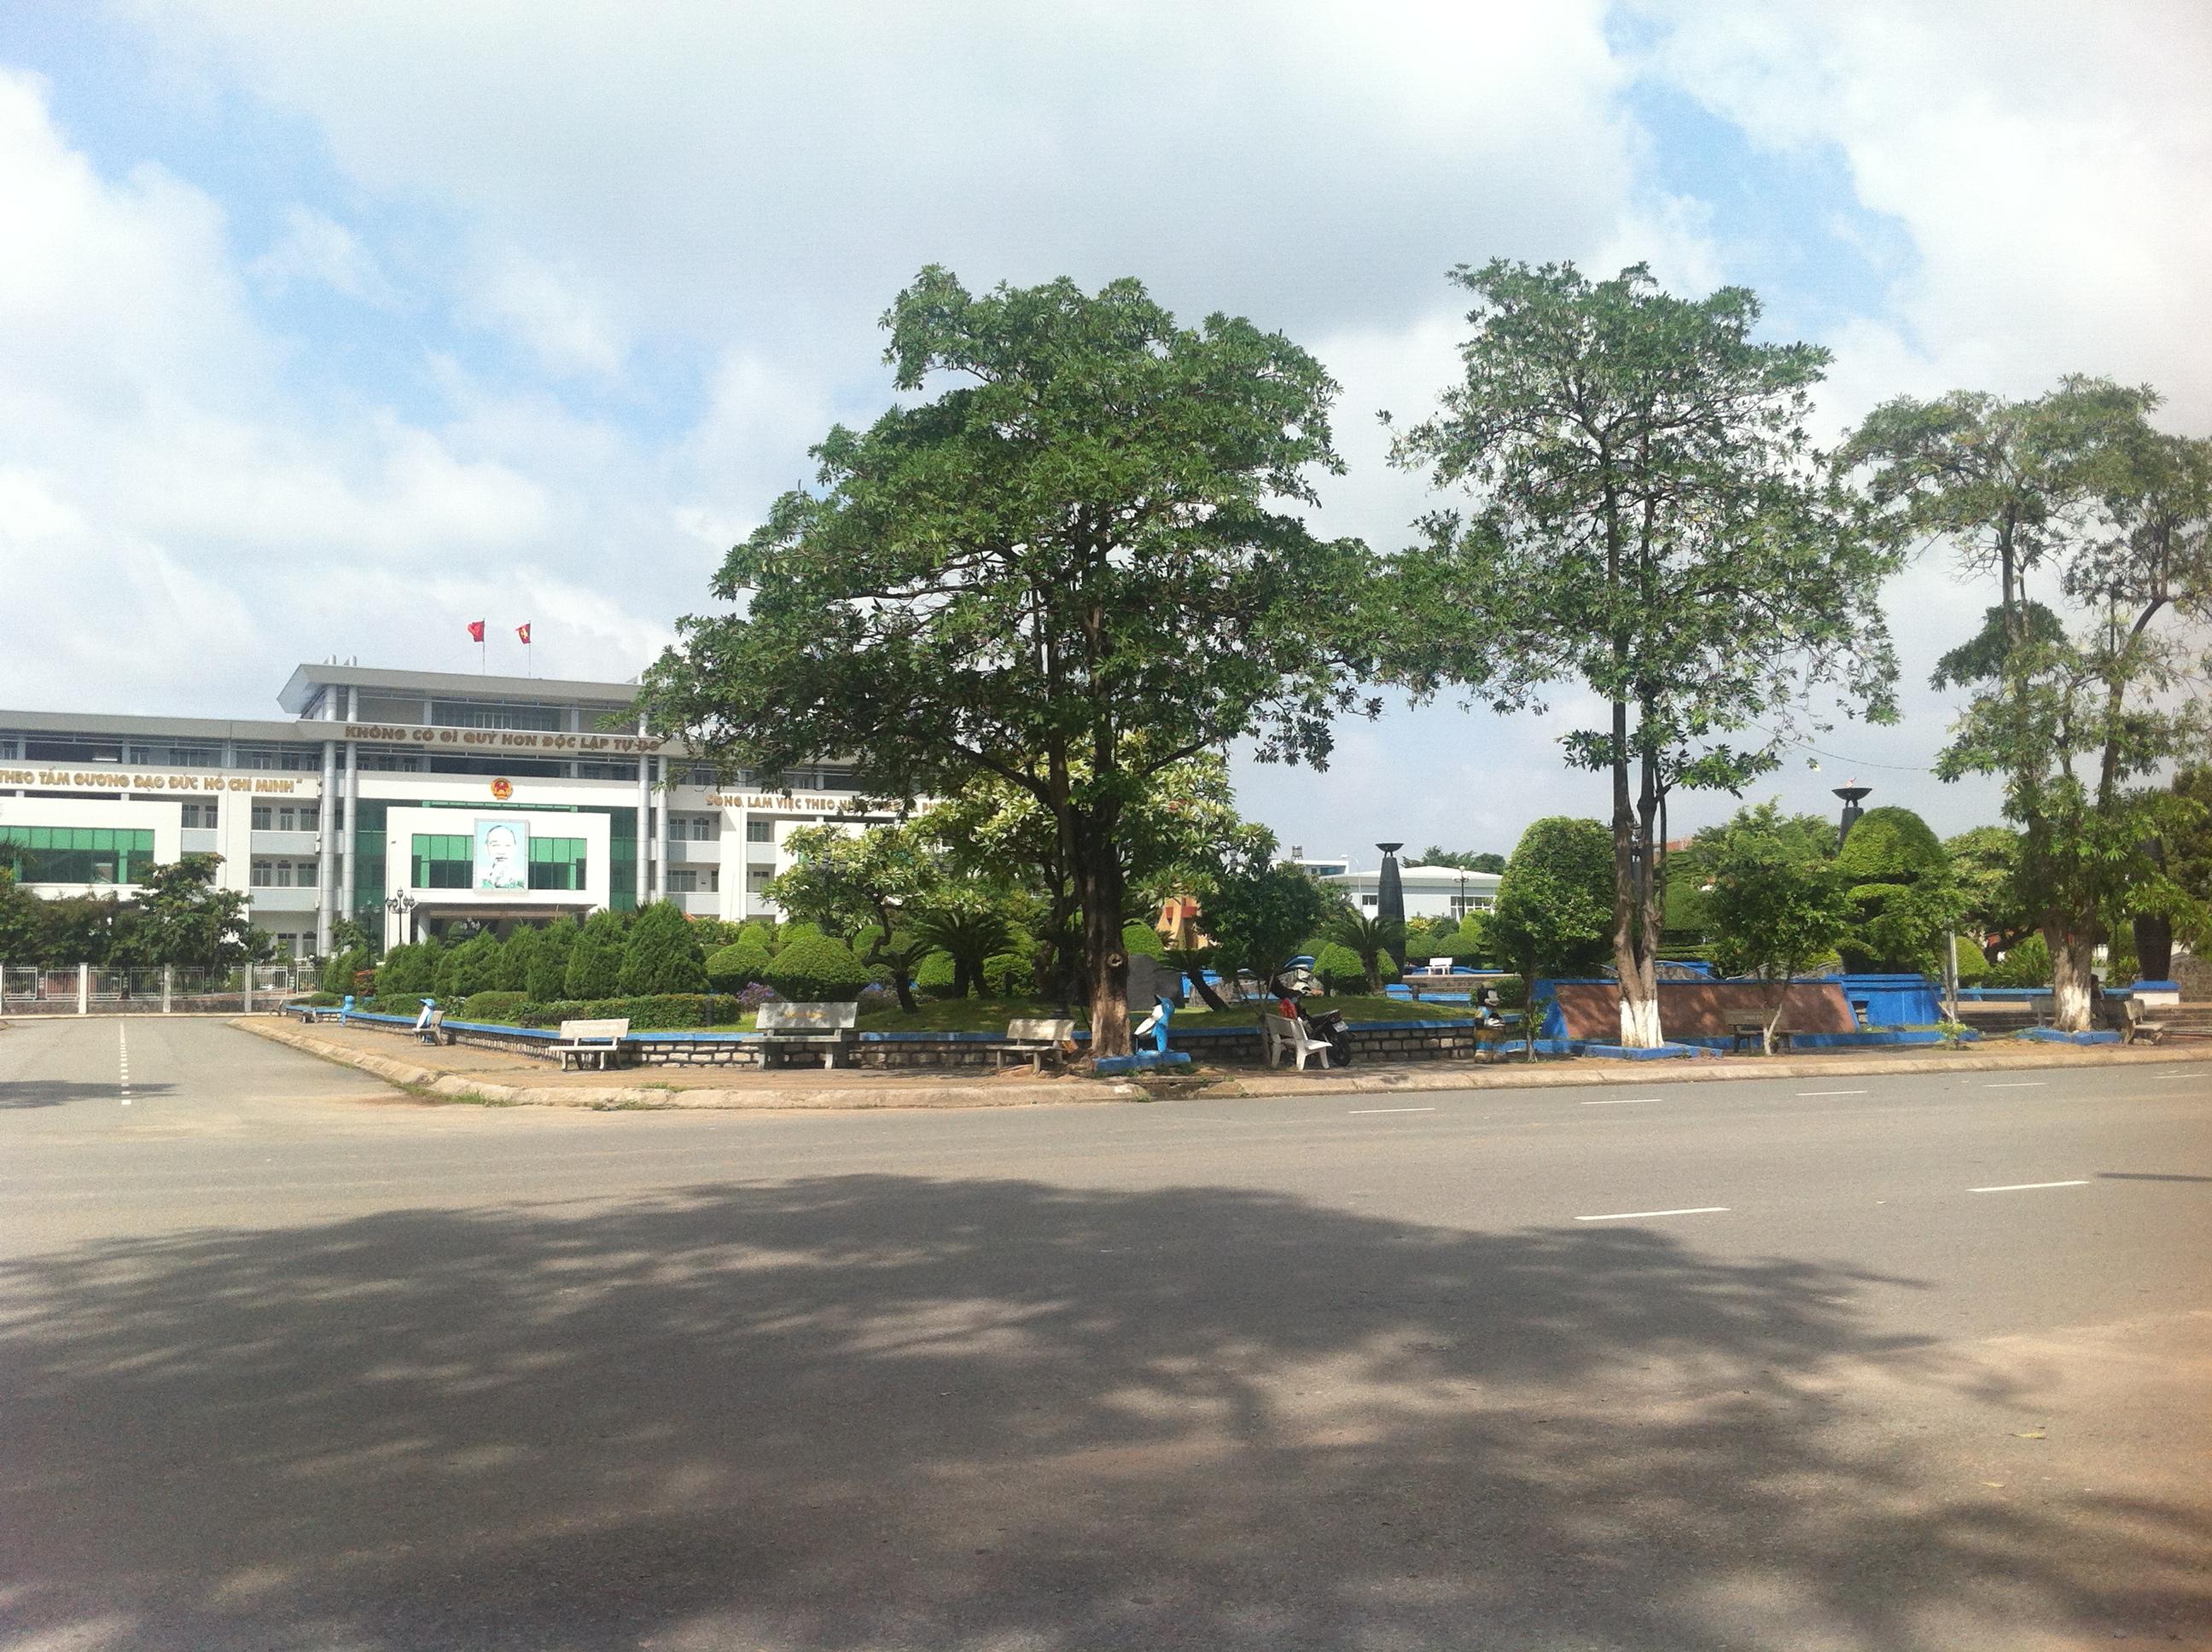 bán nhà 125m2, tại trung tâm hành chính thị xã dĩ an, gần công viên nước dĩ an.